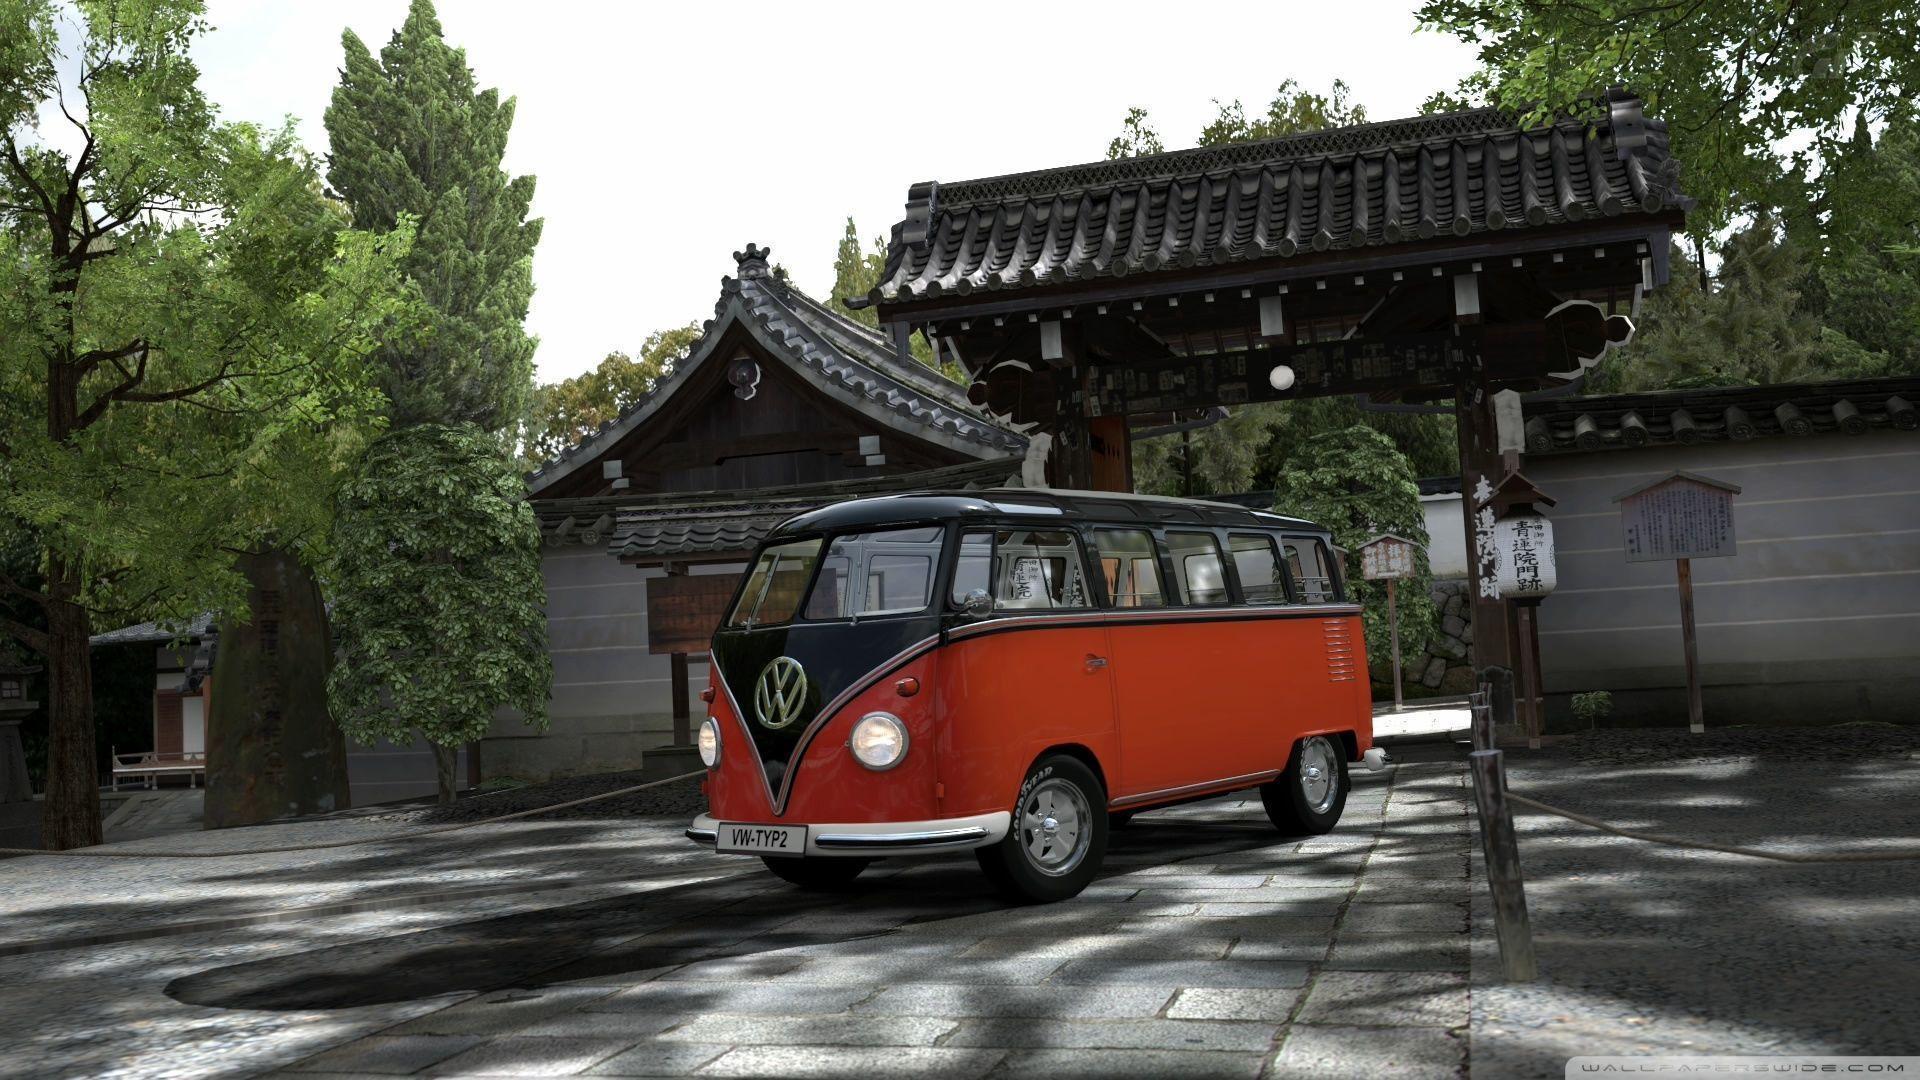 volkswagen buses wallpaper screensavers - photo #22